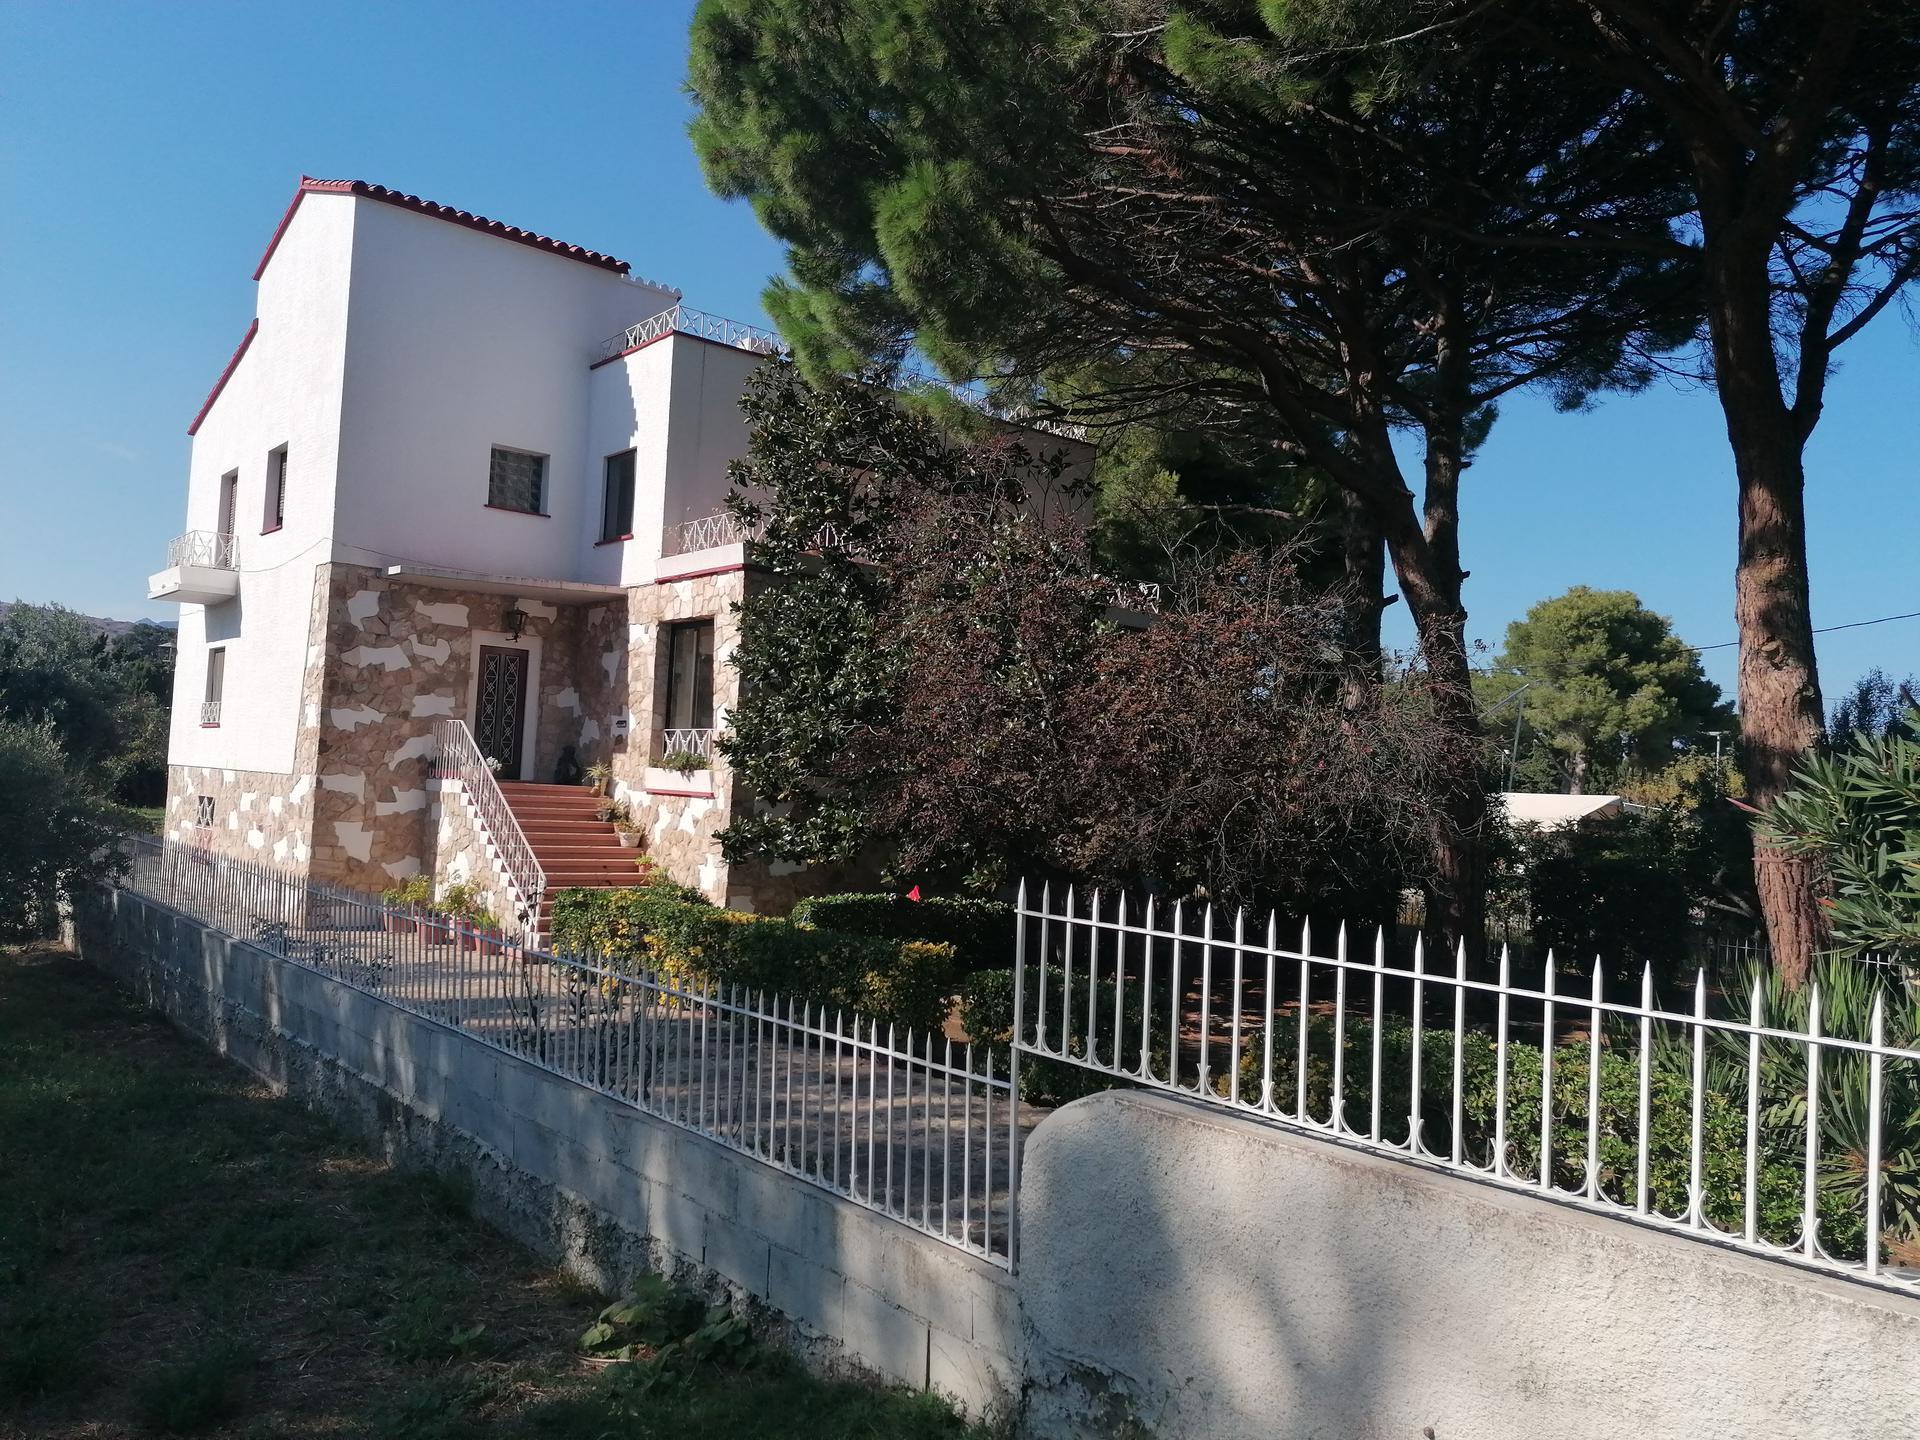 Casa -                               Llançà -                               7 dormitoris -                               14 ocupants